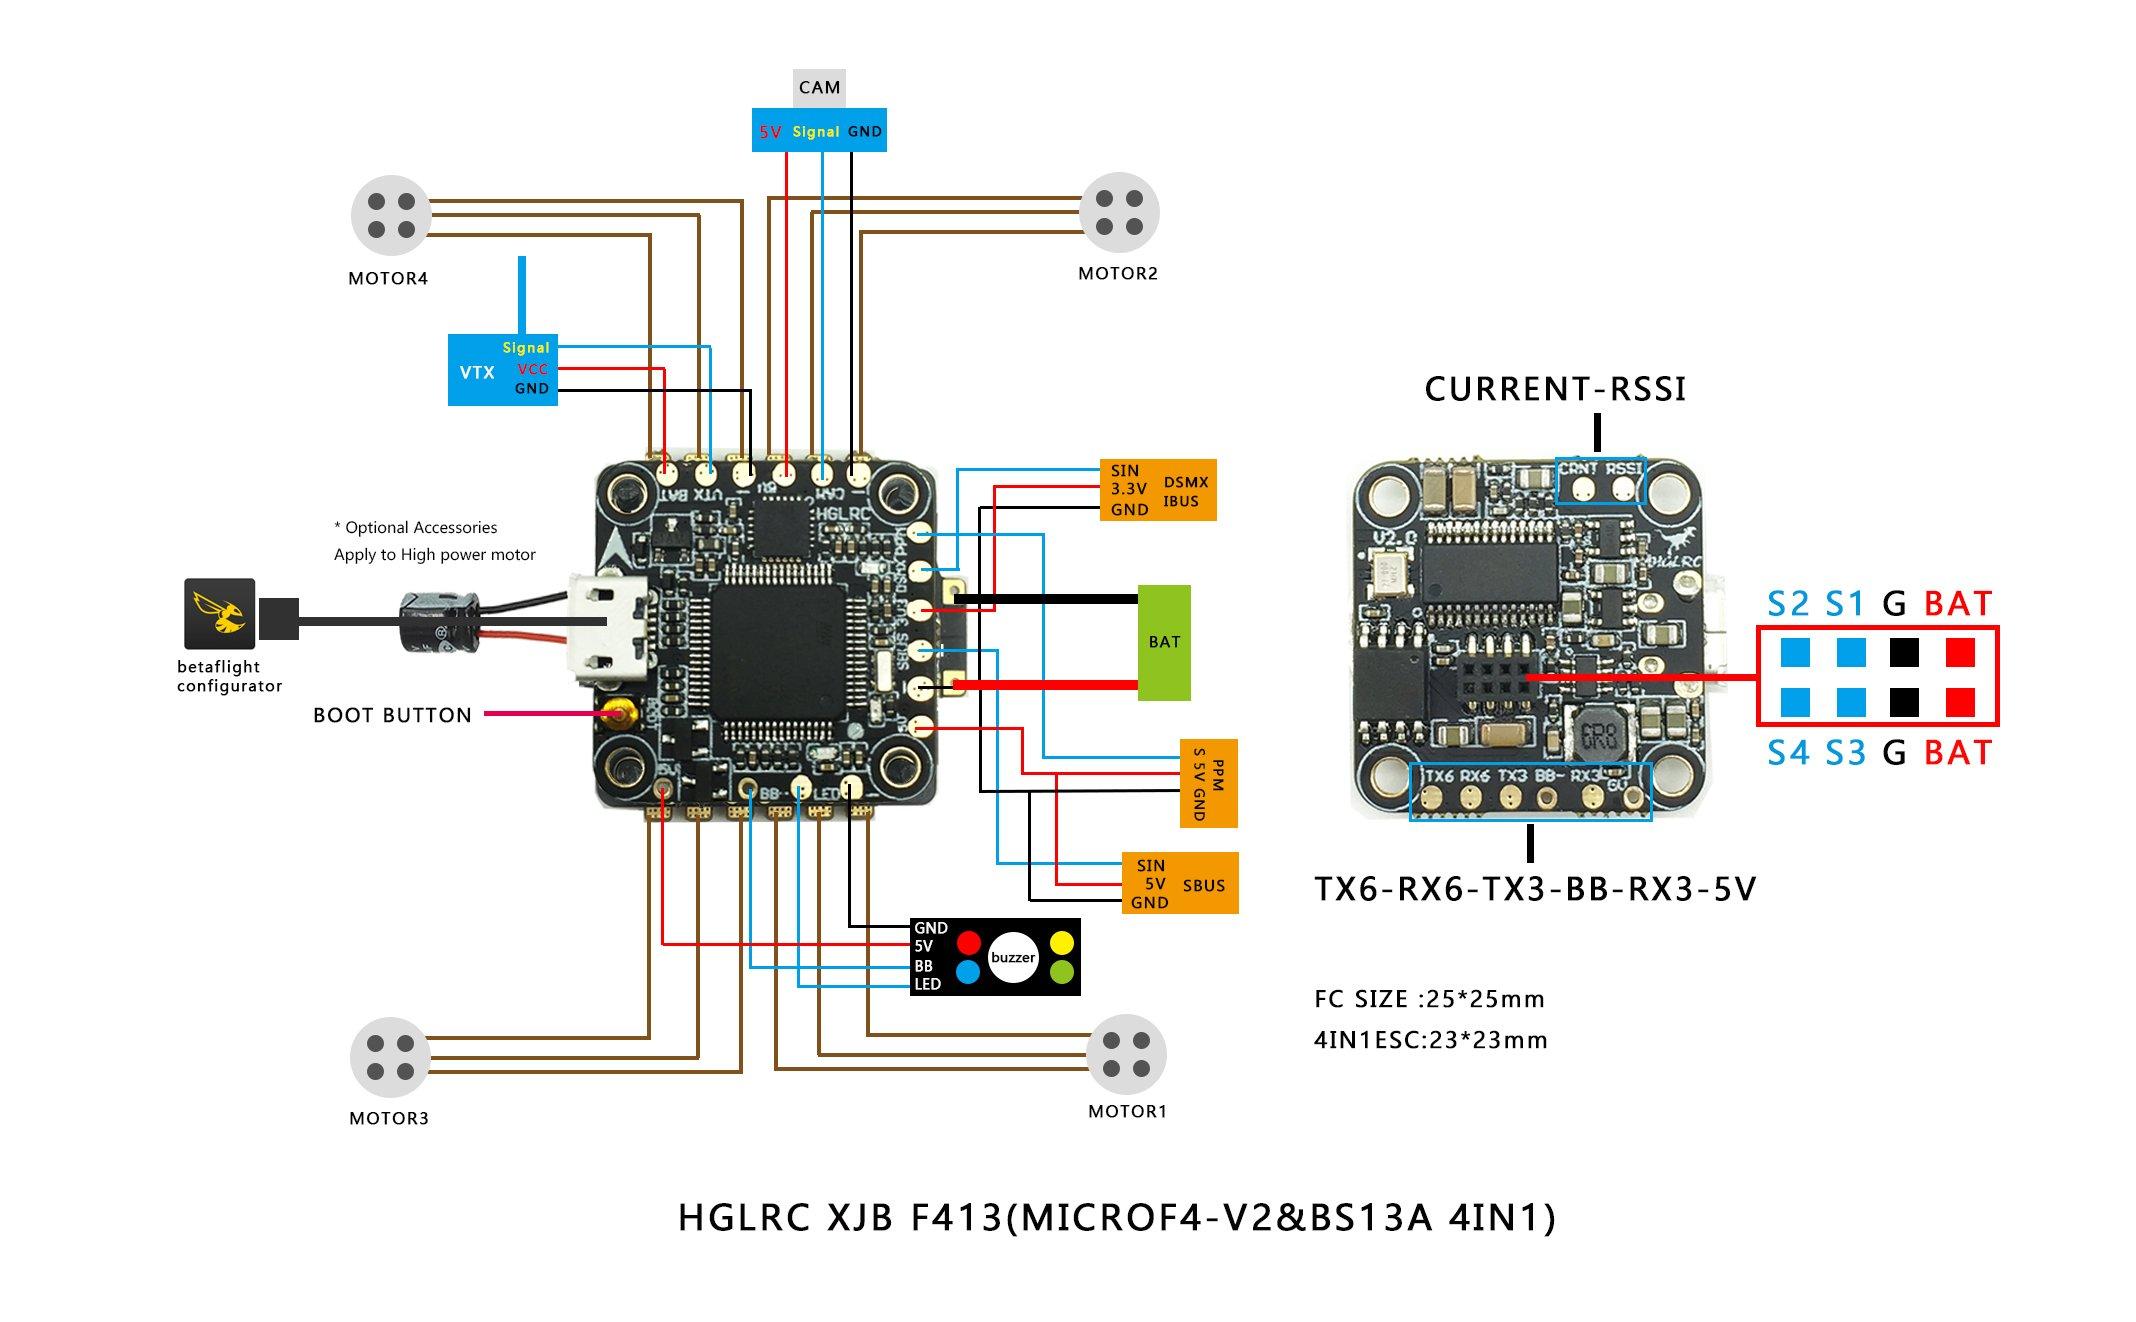 xjb-413-e645000e-1620-4ef8-bb61-829667484980.jpg